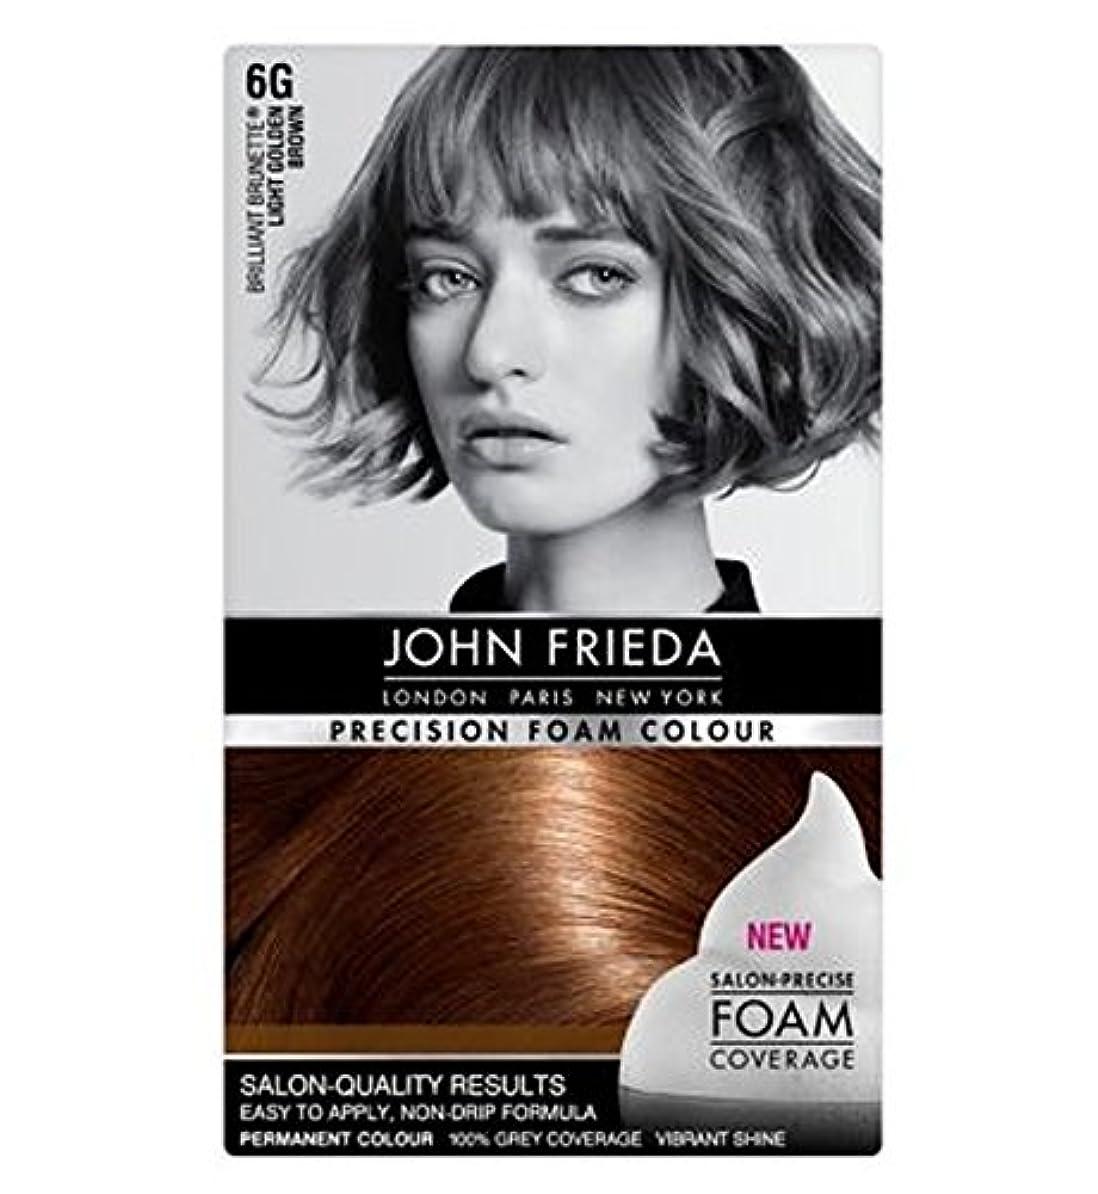 振り返る近代化する策定するジョン?フリーダ精密泡カラー6グラムライトゴールデンブラウン (John Frieda) (x2) - John Frieda Precision Foam Colour 6G Light Golden Brown (Pack of 2) [並行輸入品]